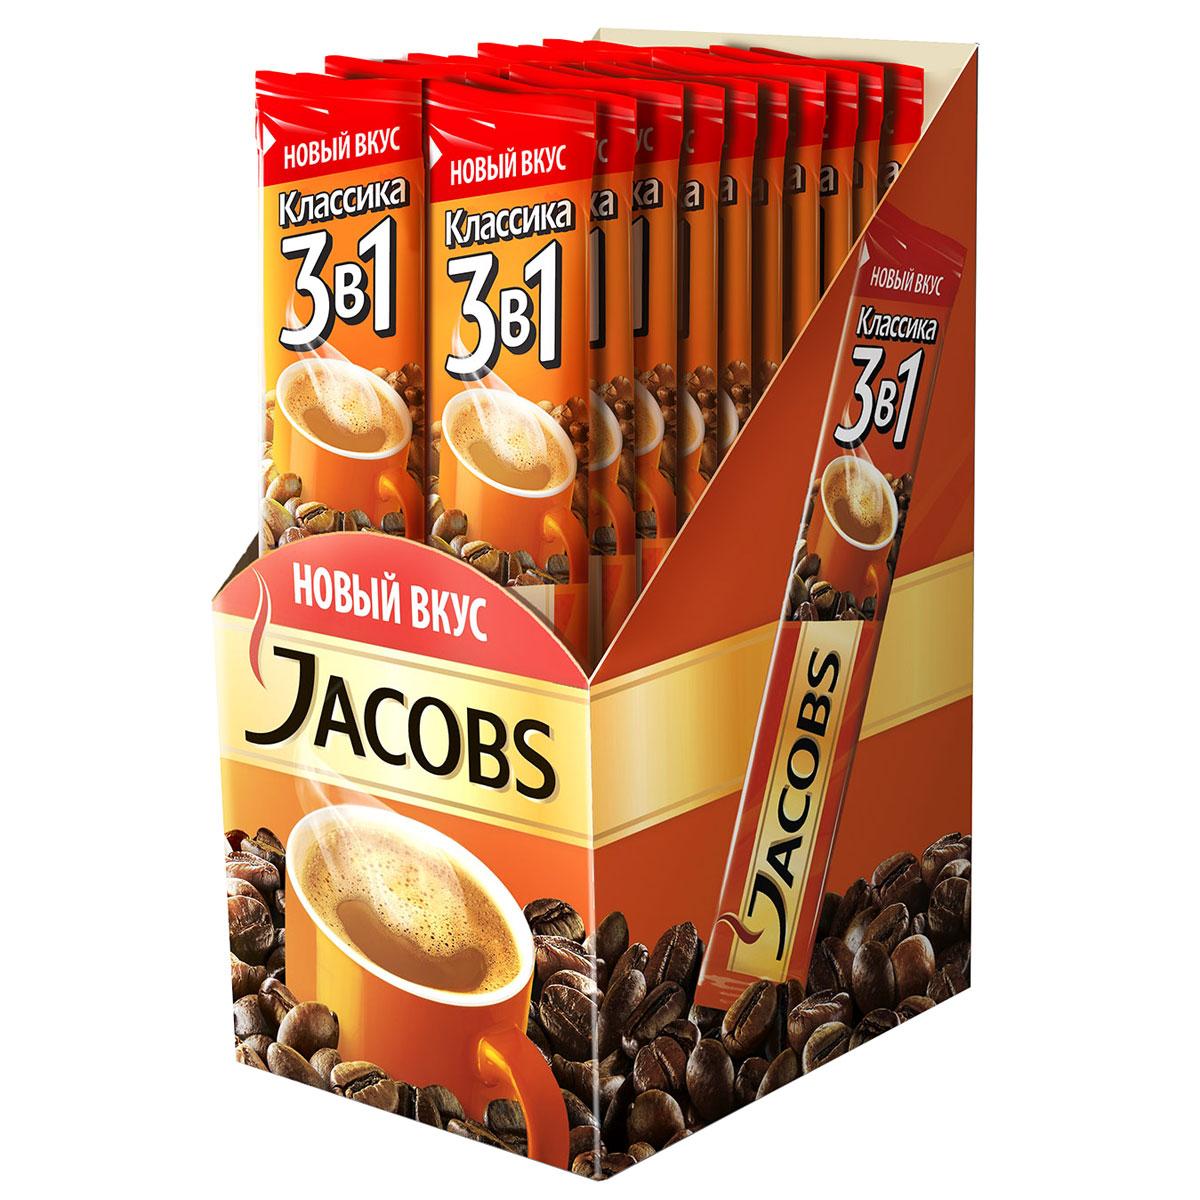 Jacobs Классика 3 в 1 напиток кофейный растворимый в пакетиках, 20 шт0120710Кофе Jacobs 3 в 1 Классика - это оригинальный притягательный микс, создающий сбалансированный вкус кофе. Этот кофейный микс для любителей насыщенного вкуса находится в красочной упаковке. Заваривается кофе Якобс в несколько движений для тех, кто ценит своё время.